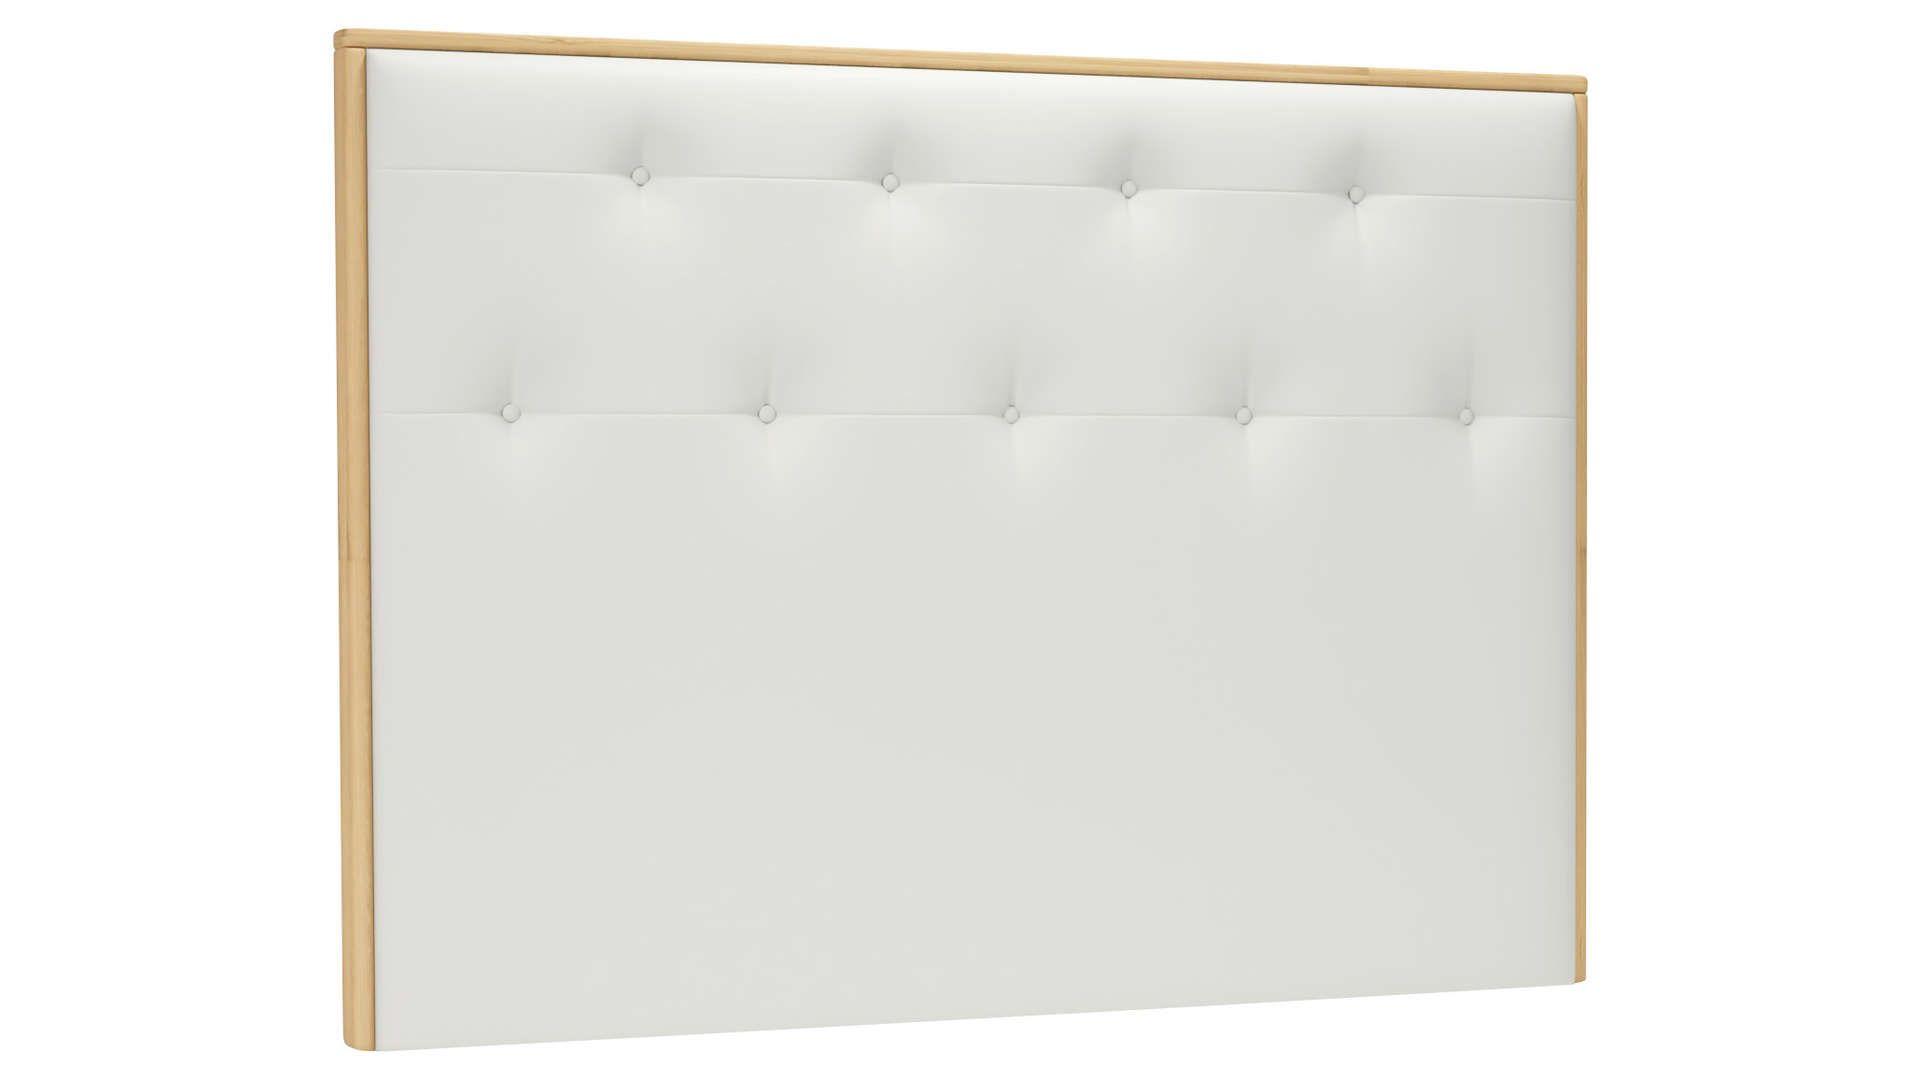 Tete De Lit 165 Cm Sienne Coloris Blanc Tete De Lit Lit Tete De